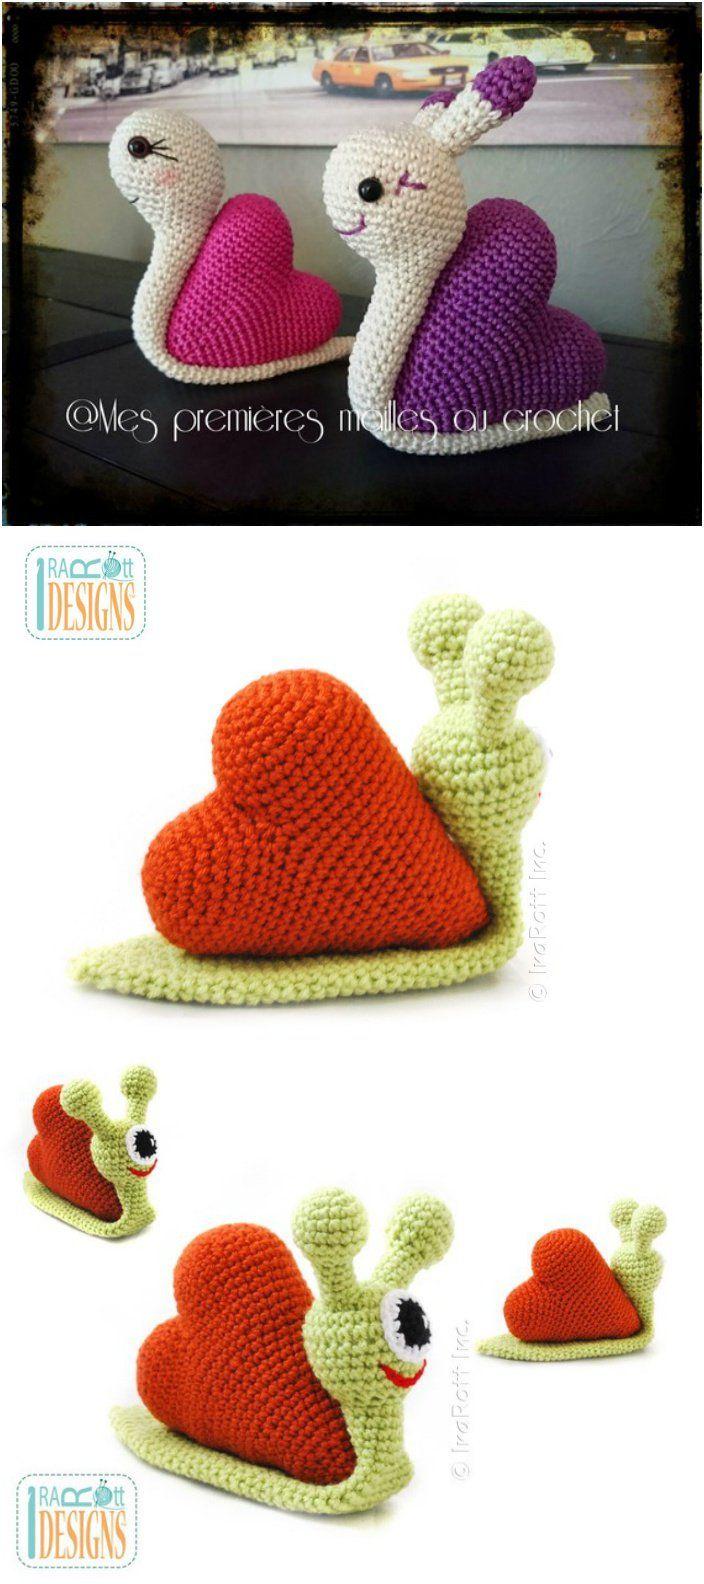 crochet love snail with pattern [ 704 x 1584 Pixel ]